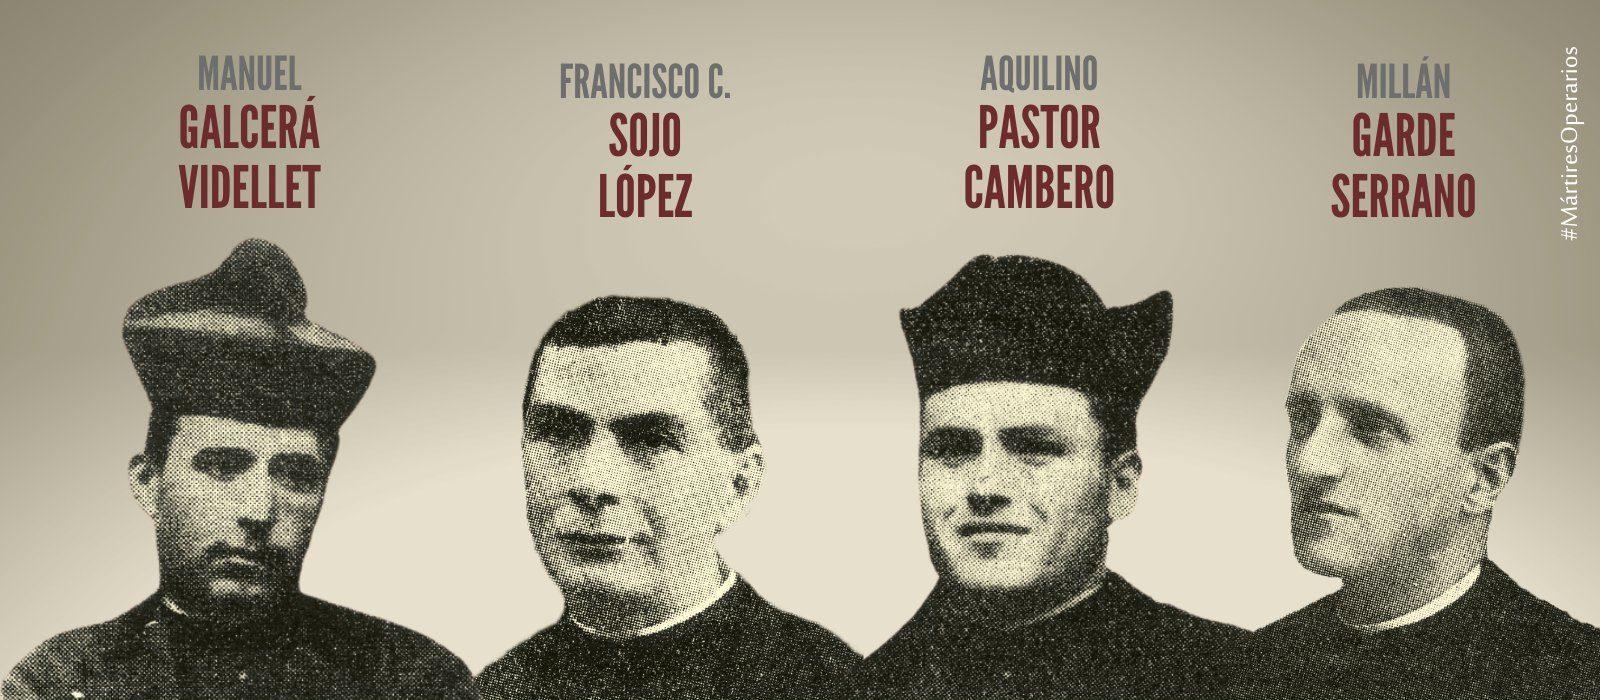 Francisco Cástor Sojo López y compañeros mártires s